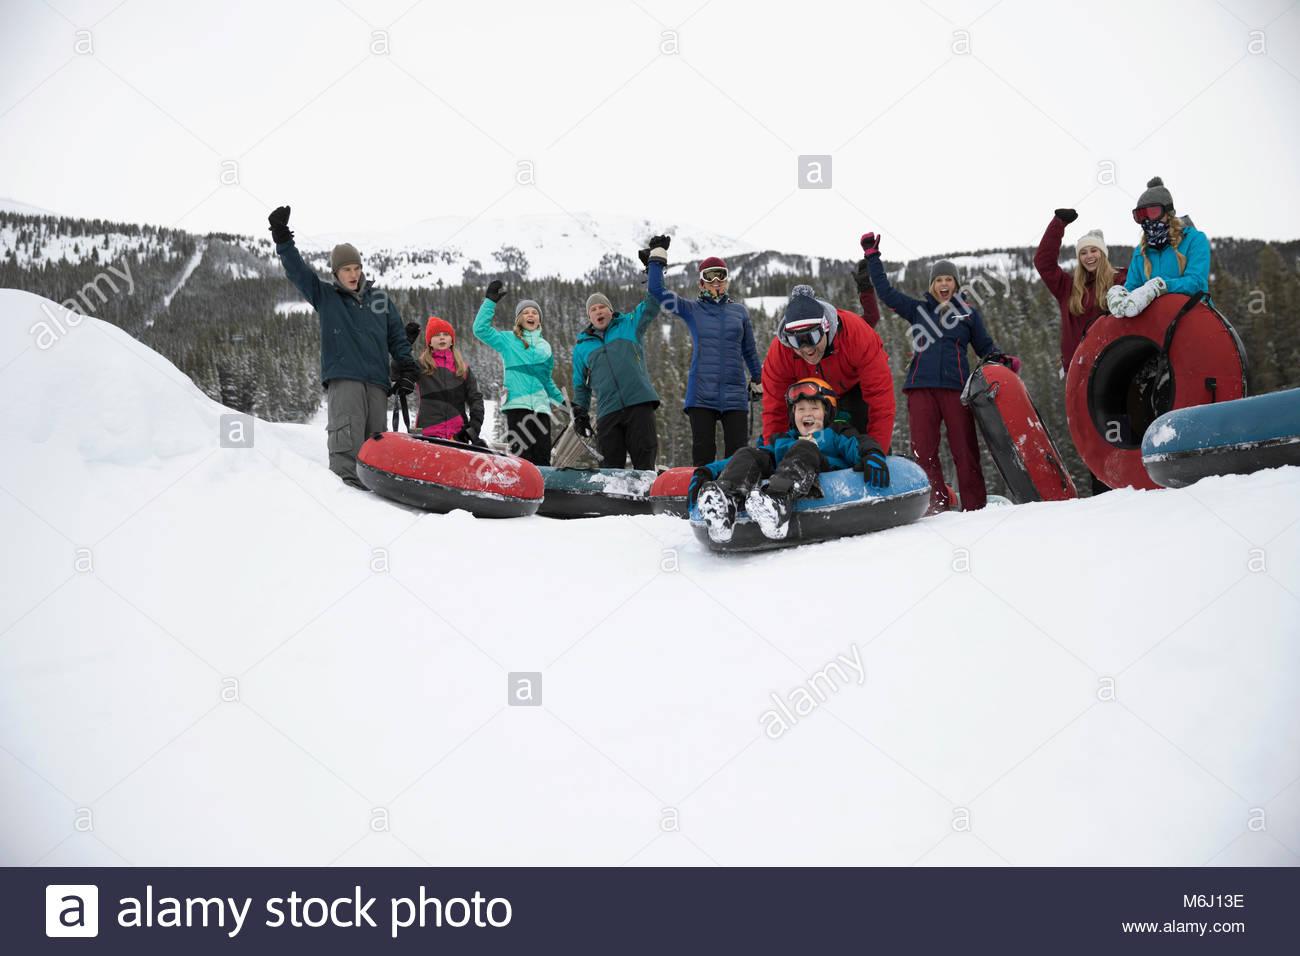 Retrato de familia interior vítores, tubos de nieve en el parque de nieve Imagen De Stock